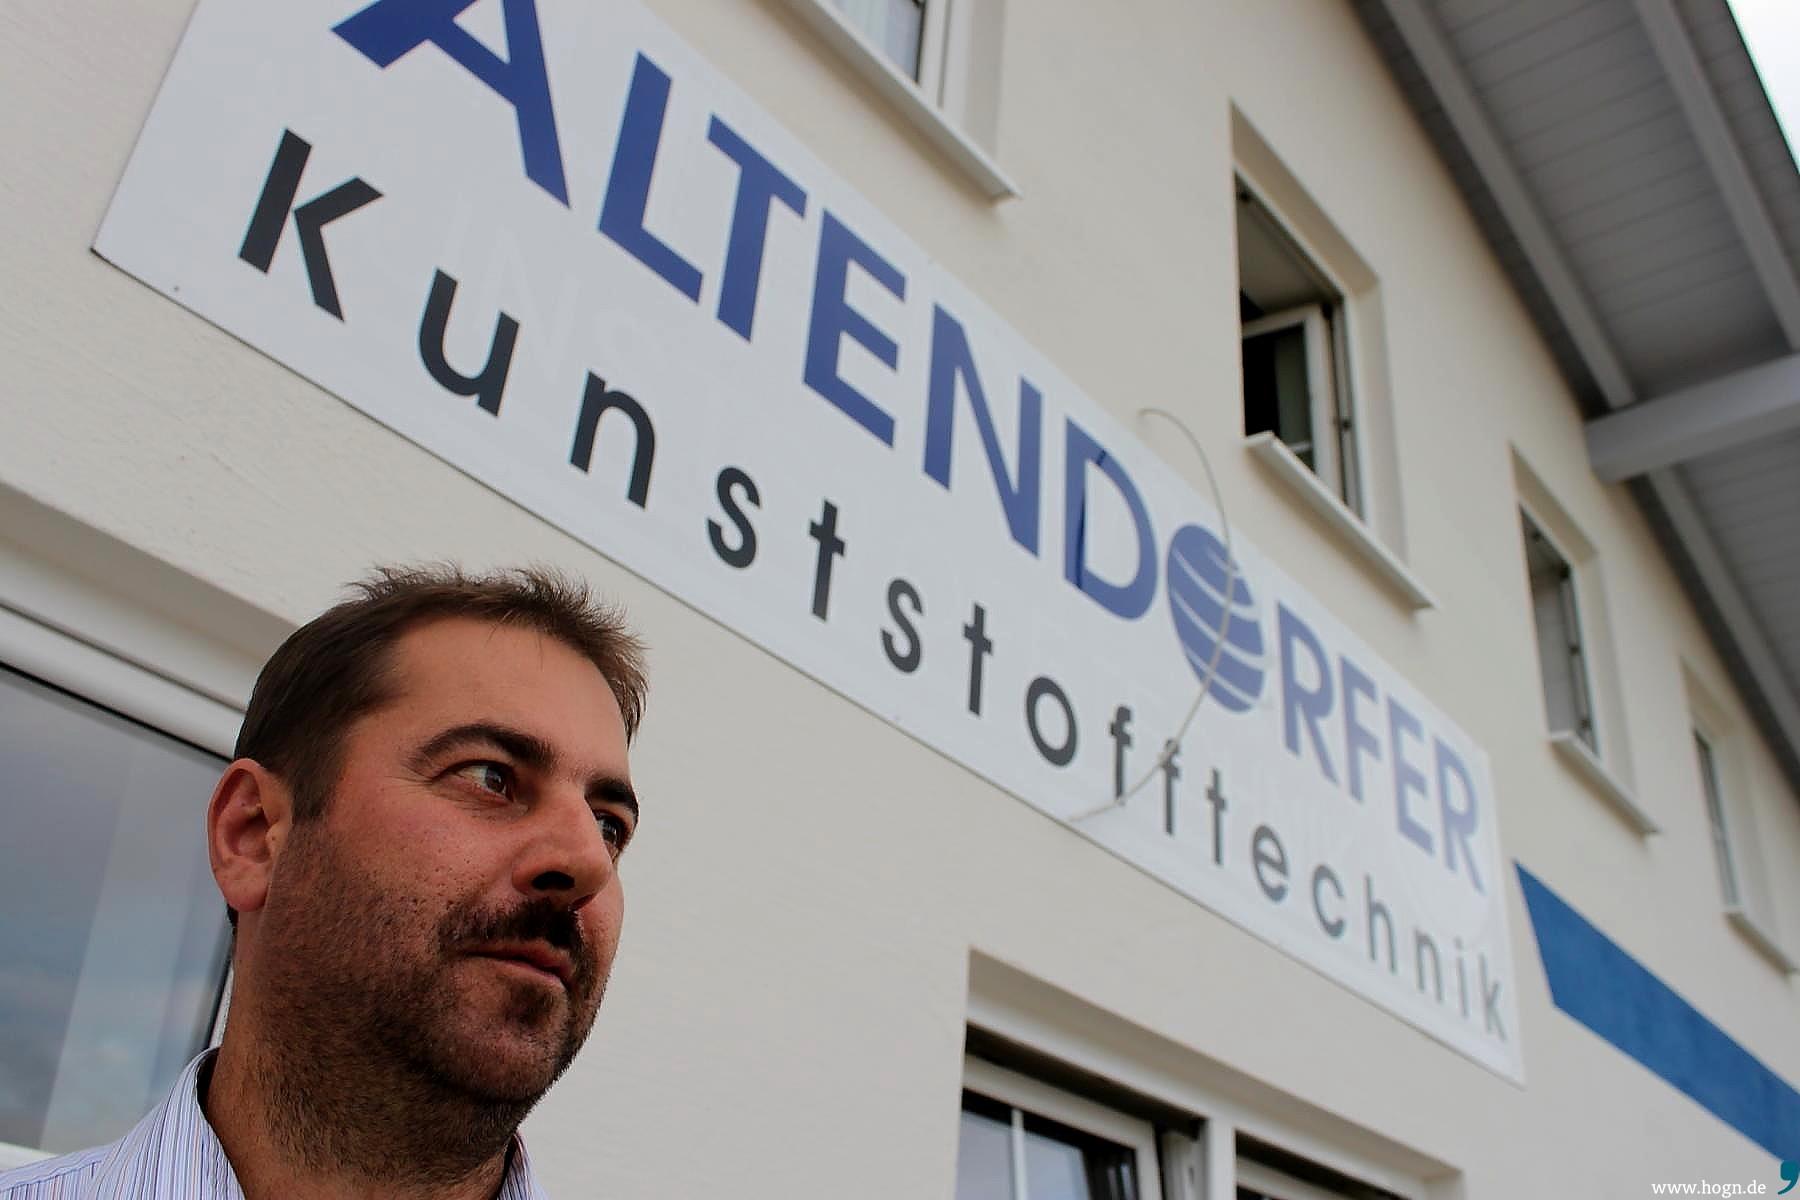 Altendorfer kunststofftechnik